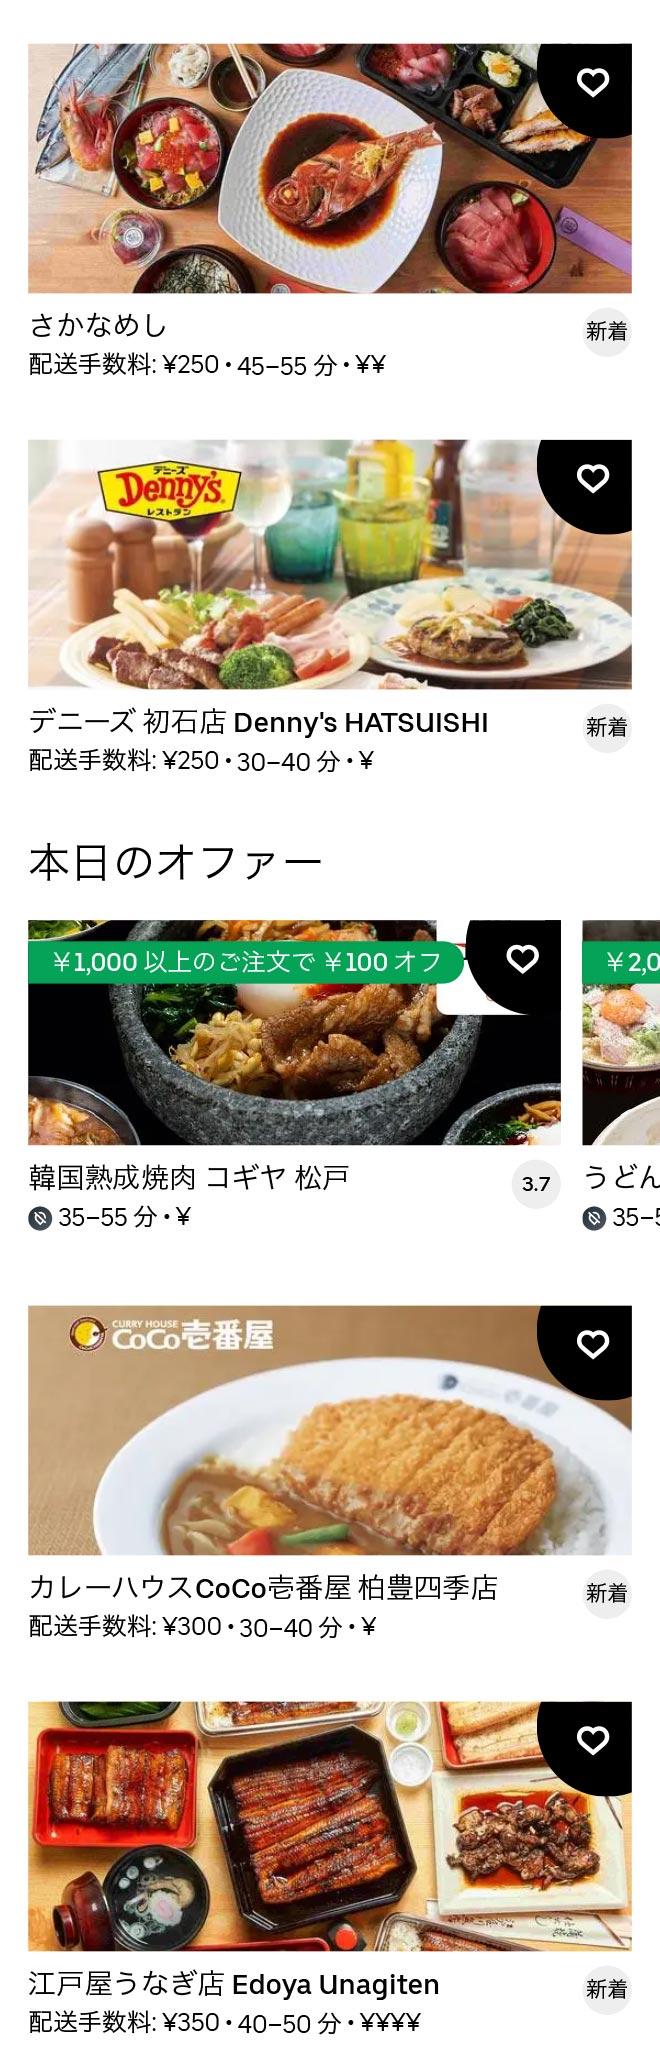 Nagareyama ootaka menu 2011 04